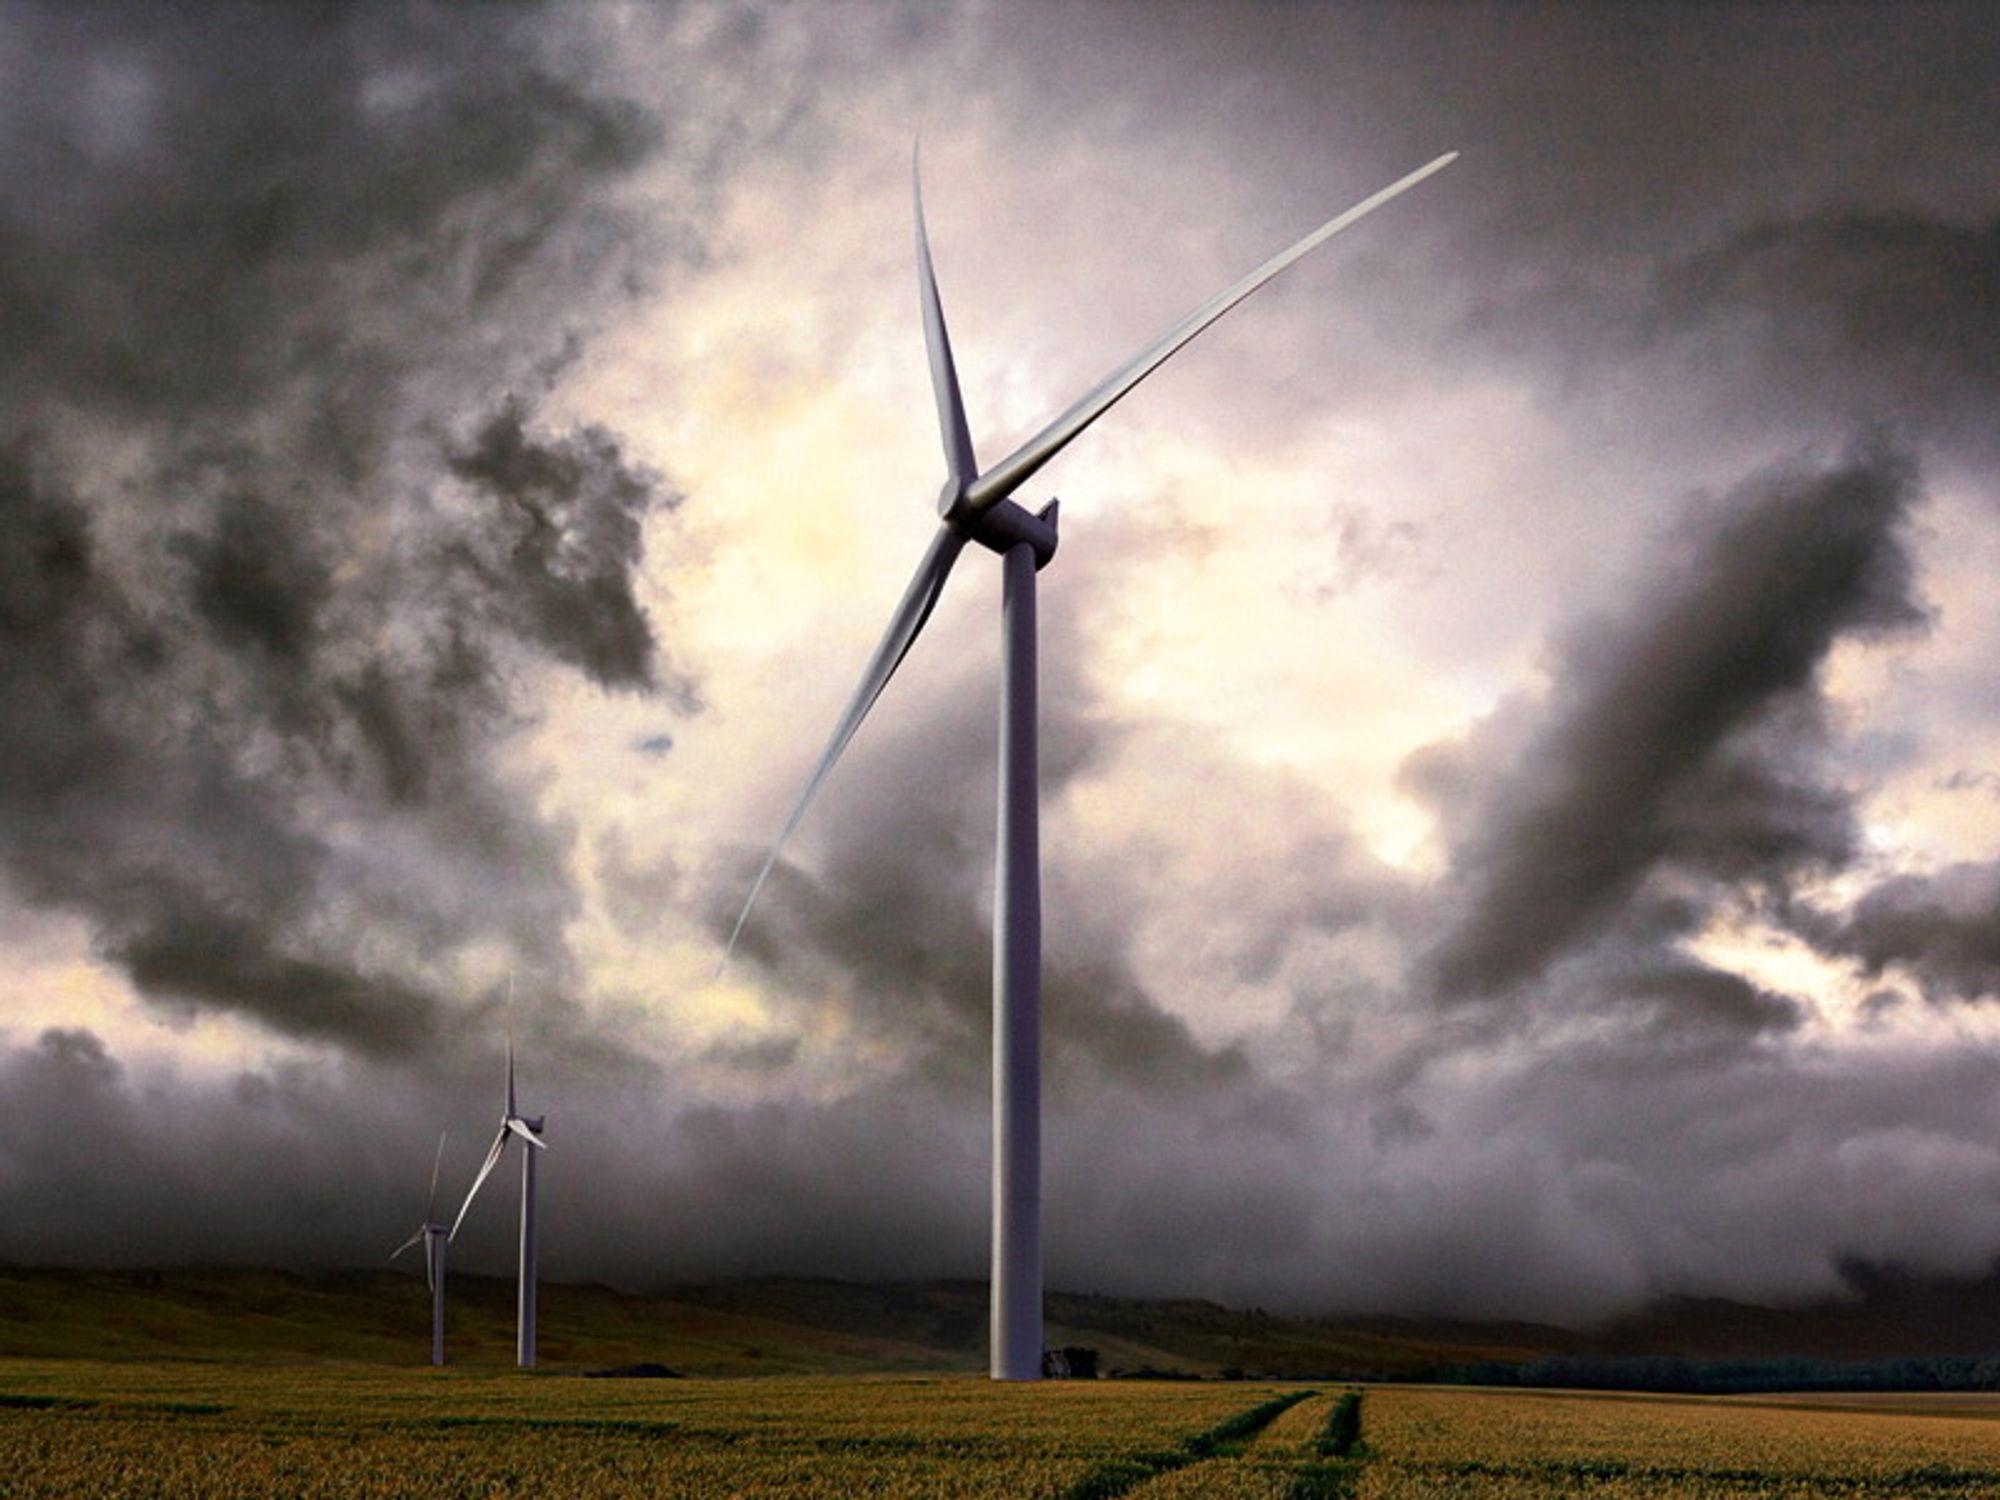 De nye Siemens-turbinene på Ytre Vikna får 92,5 meter høye tårn. Når vingespissen står rett opp, vil den rage 149 meter til værs. Rotordiameteren blir 113 meter.